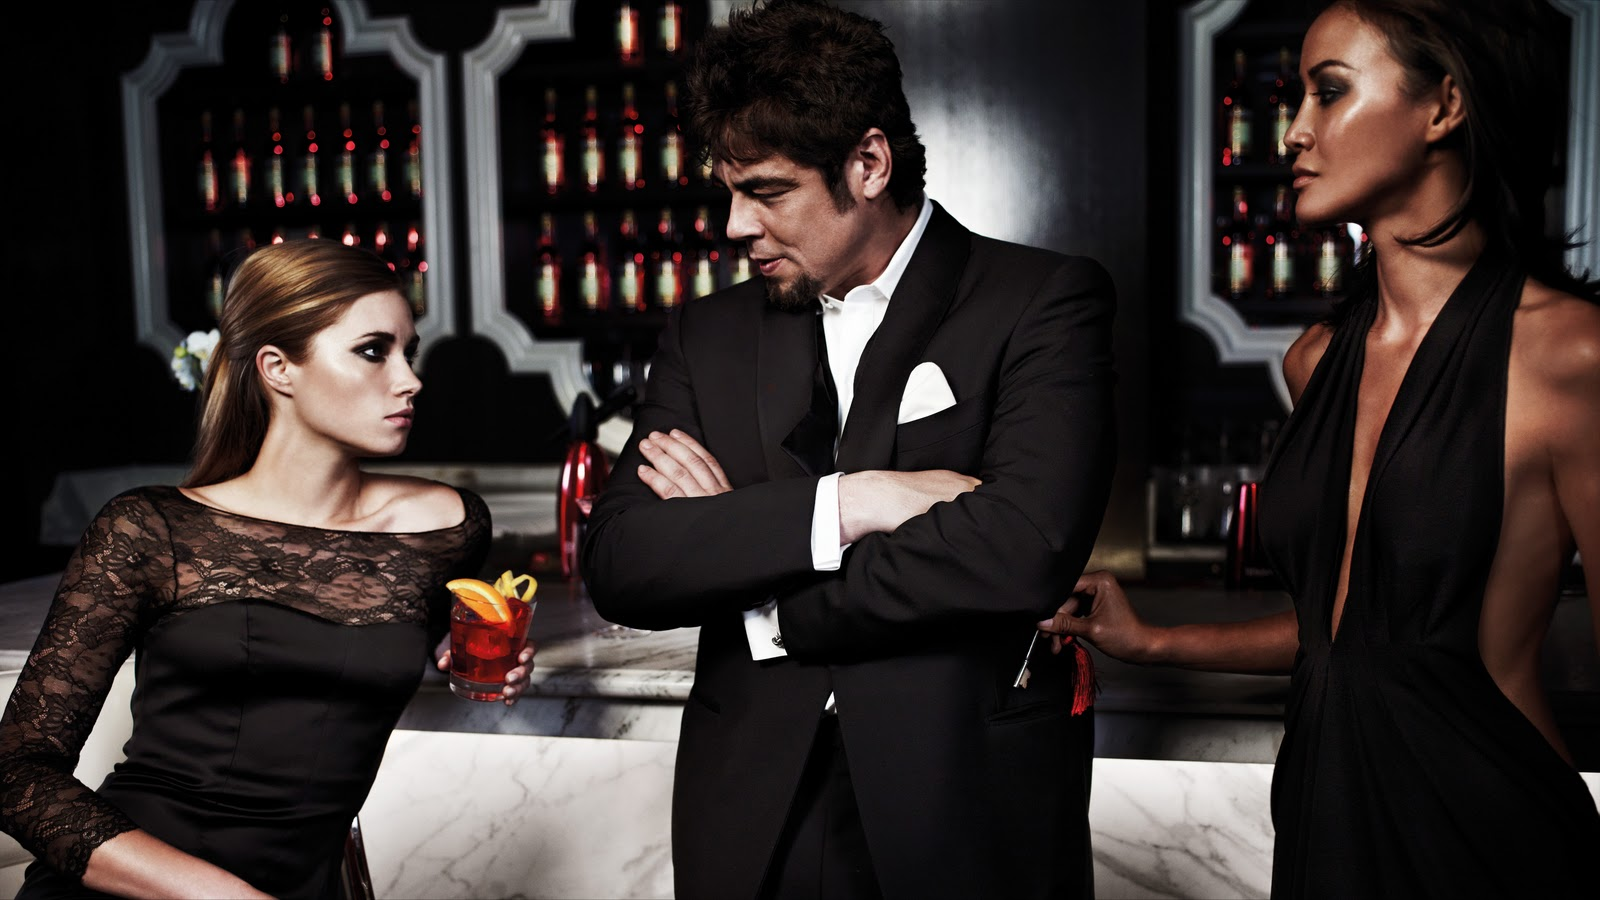 Calendario Campari 2011  con Benicio Del Toro